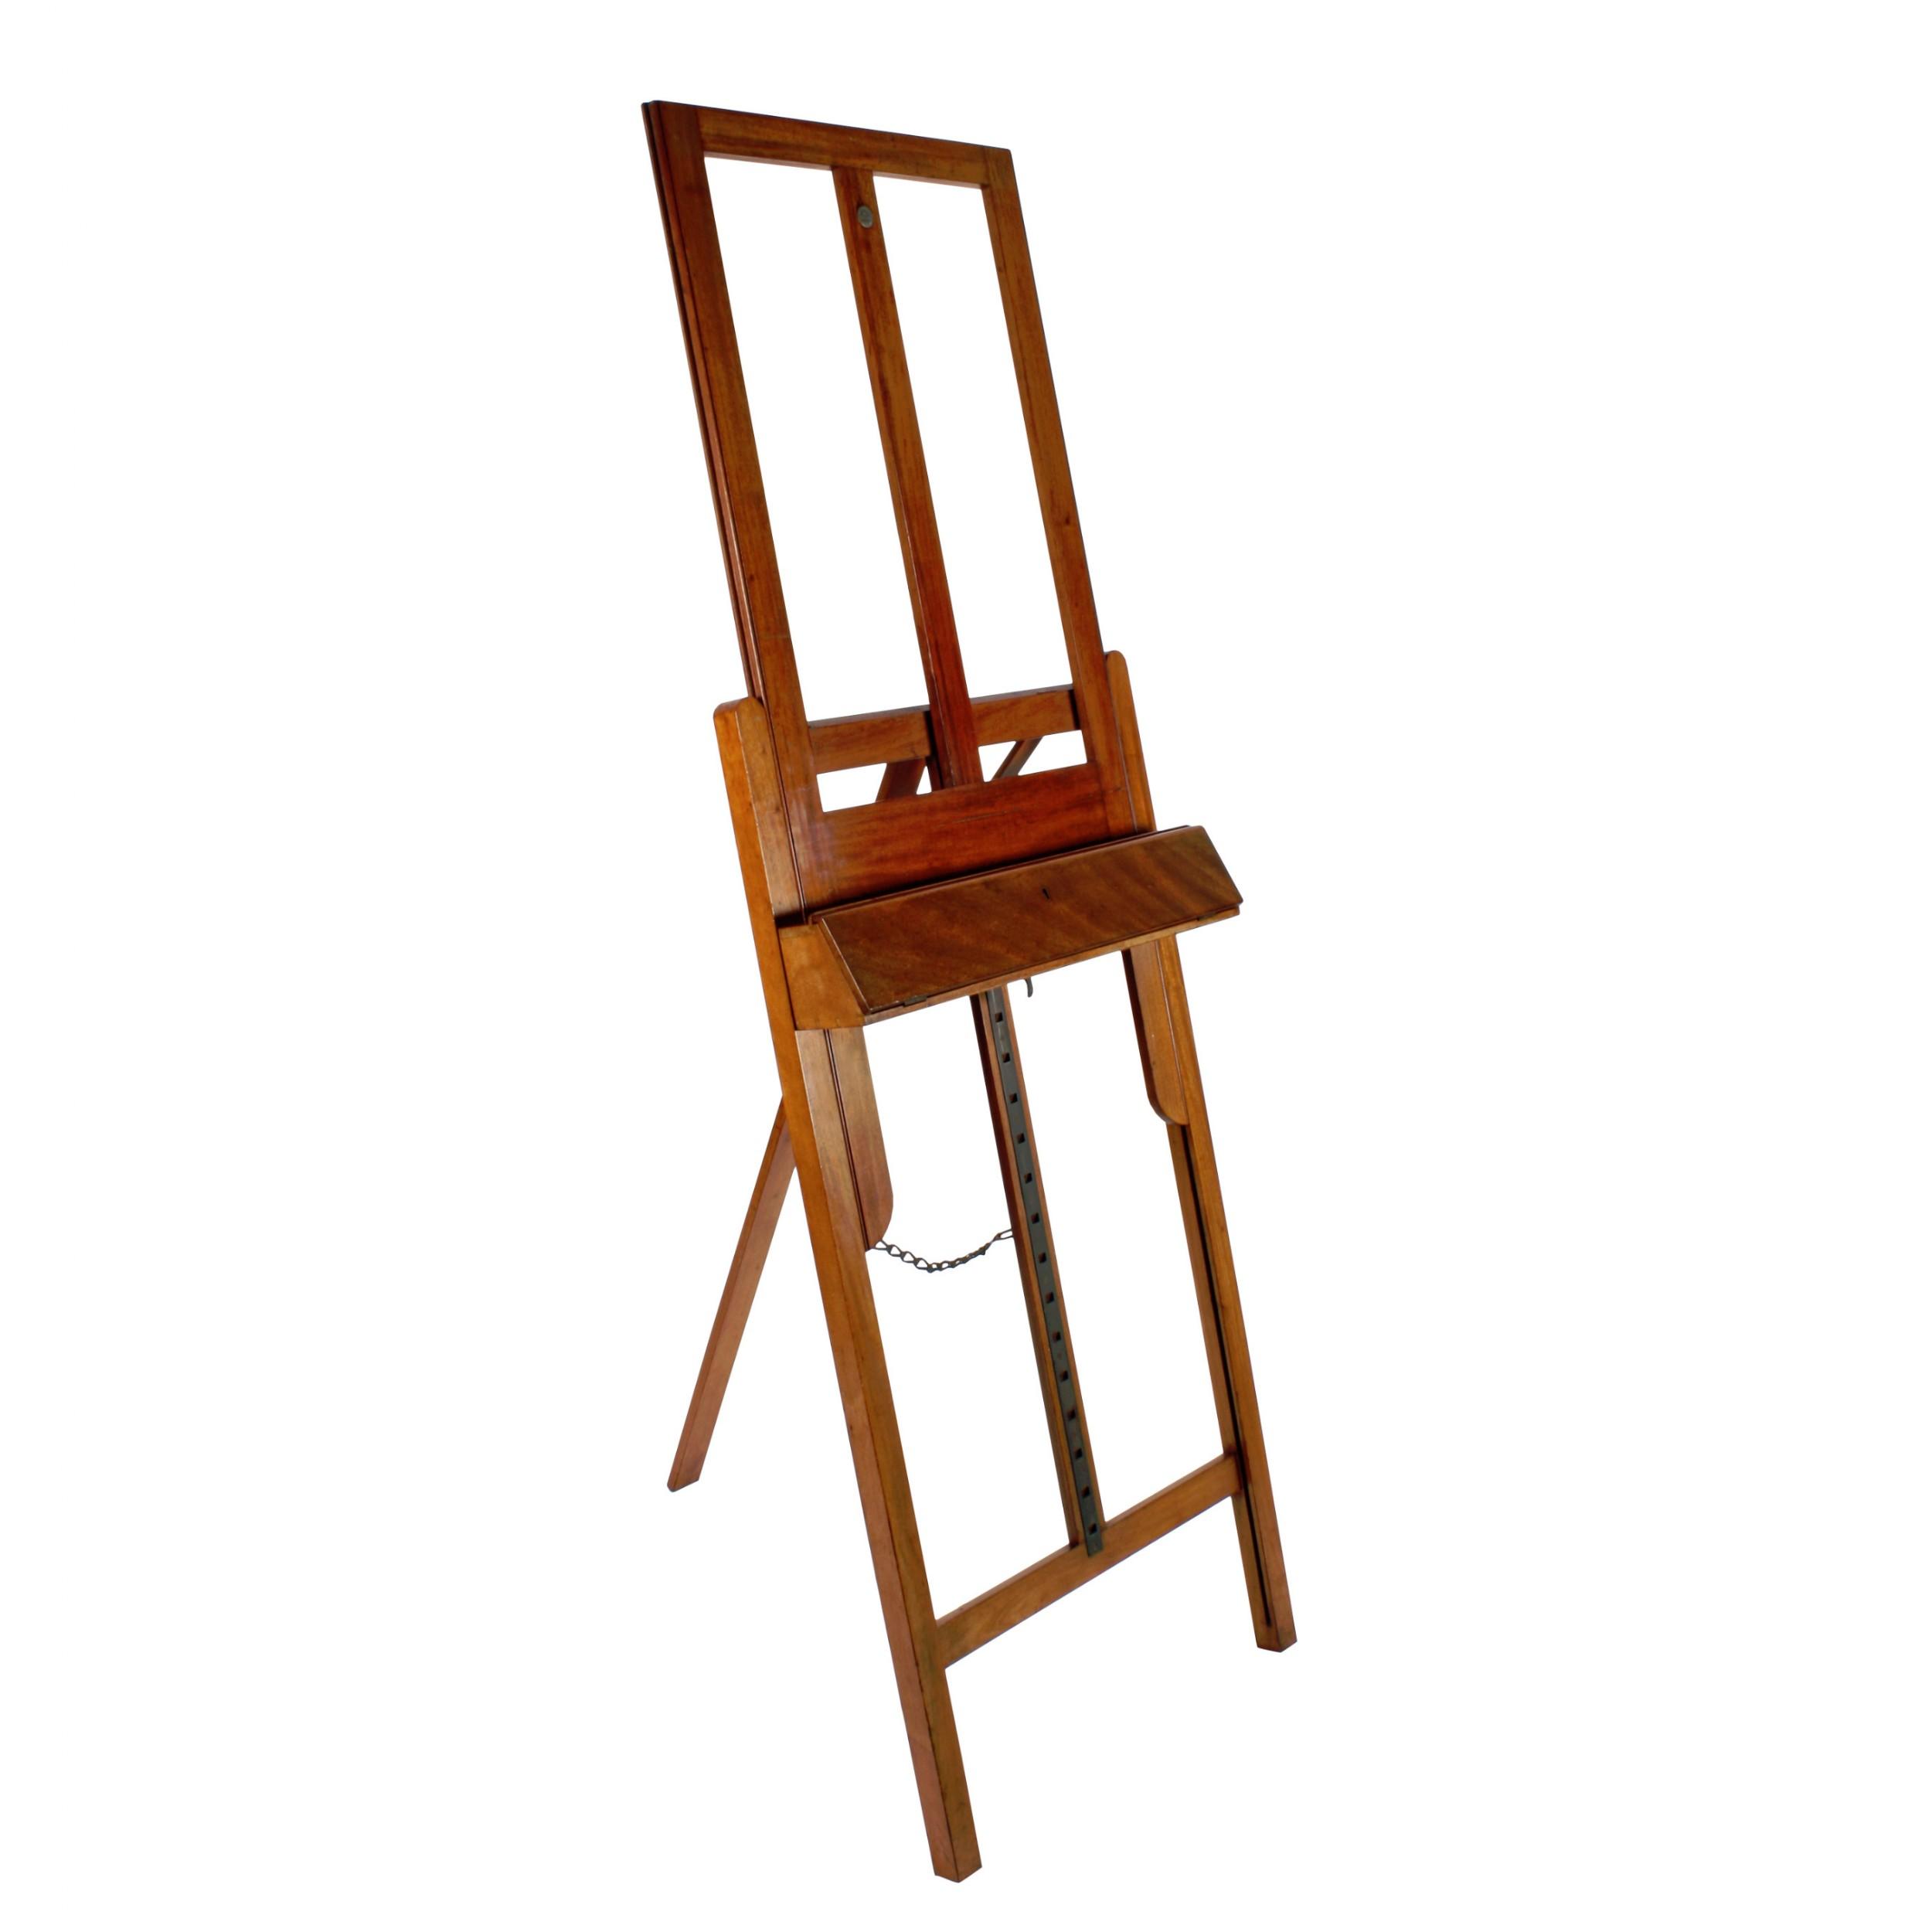 roberson co mahogany artist's easel